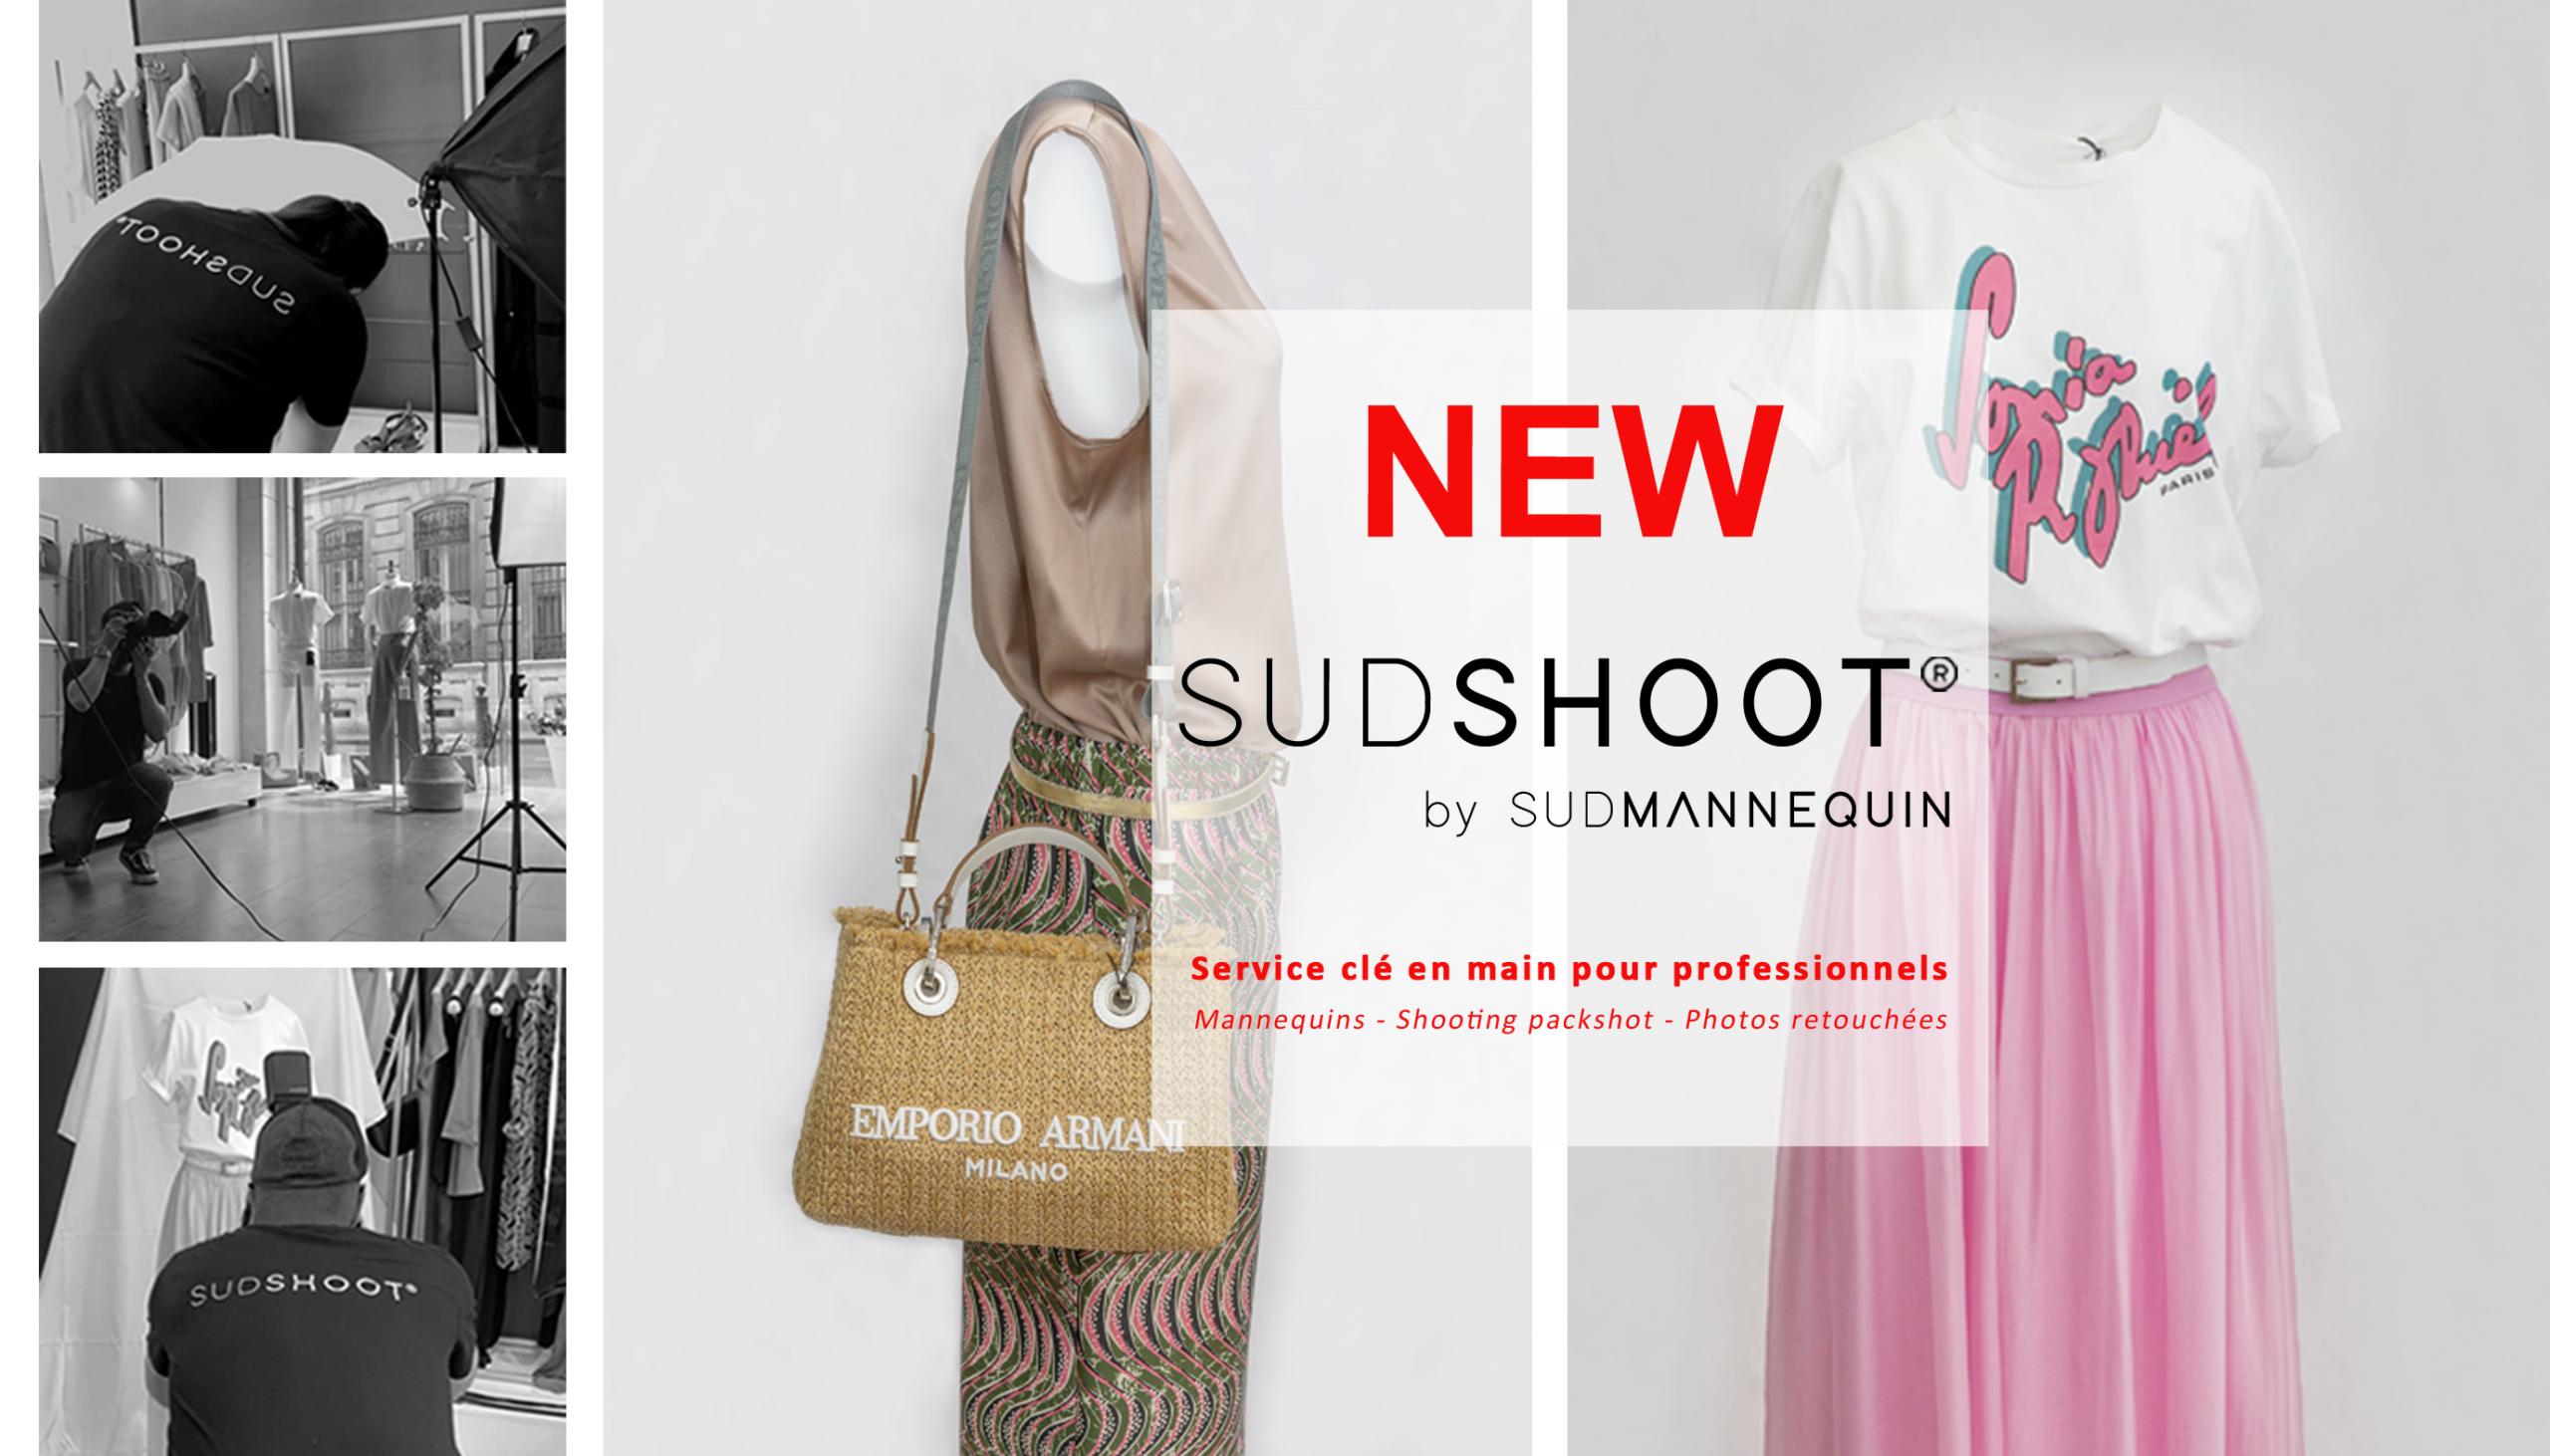 Sudshoot_v4 slide